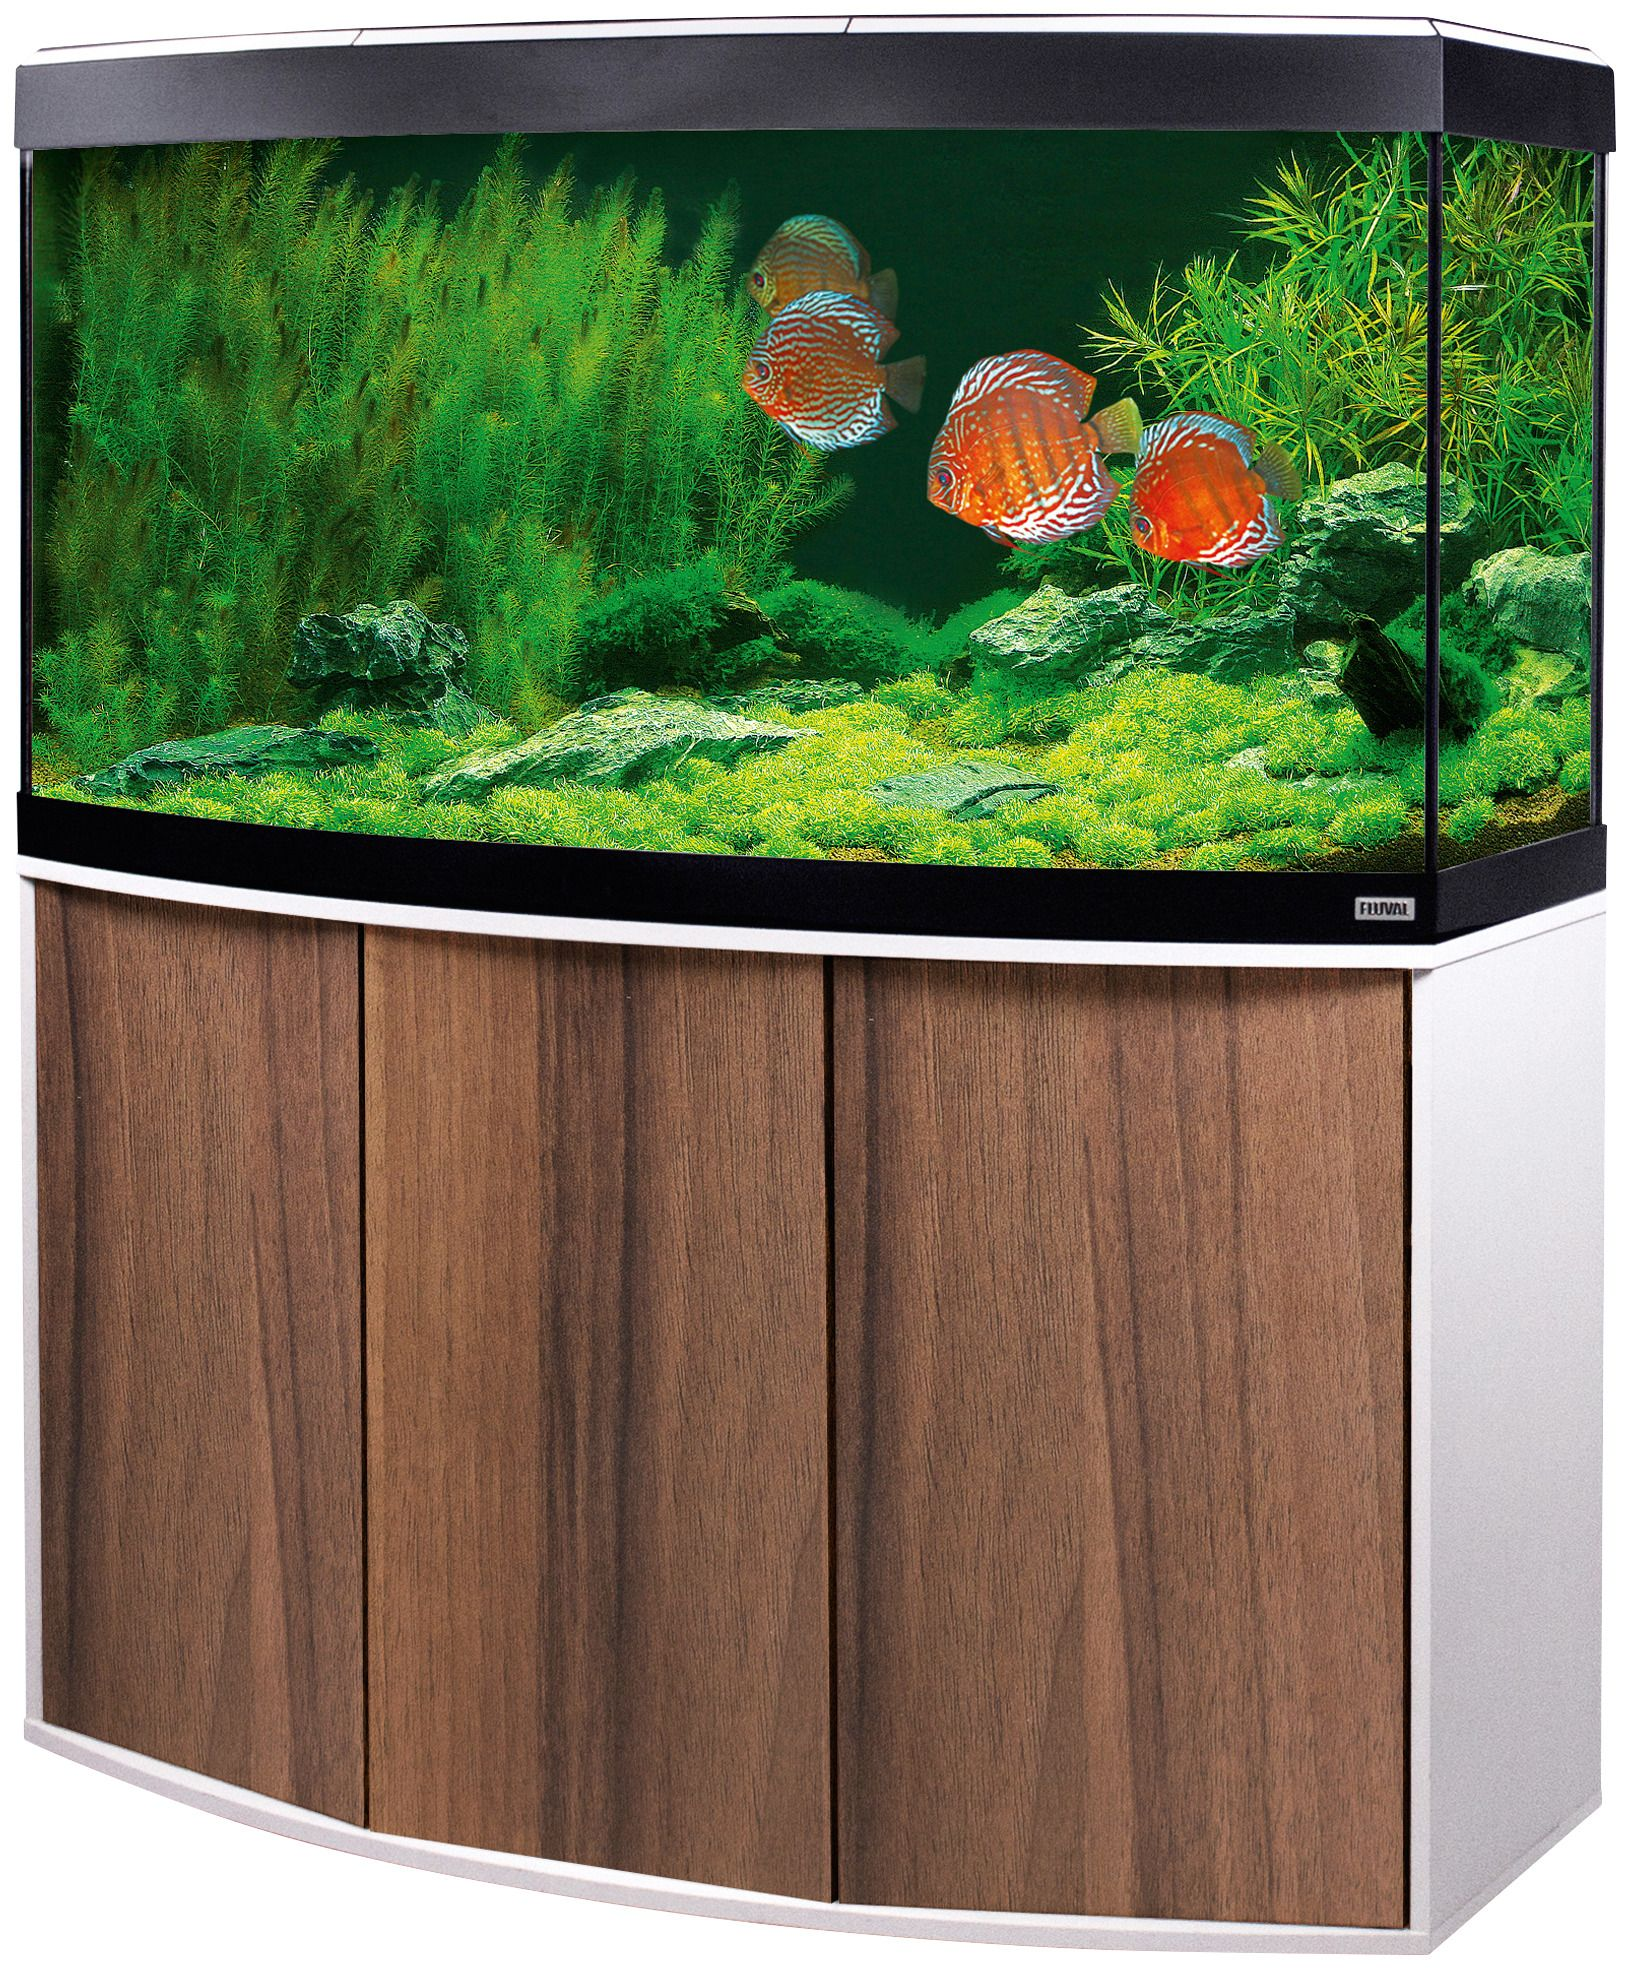 FLUVAL  Aquarien-Set »Vicenza 260«, BxTxH: 121x46x134 cm, 260 l